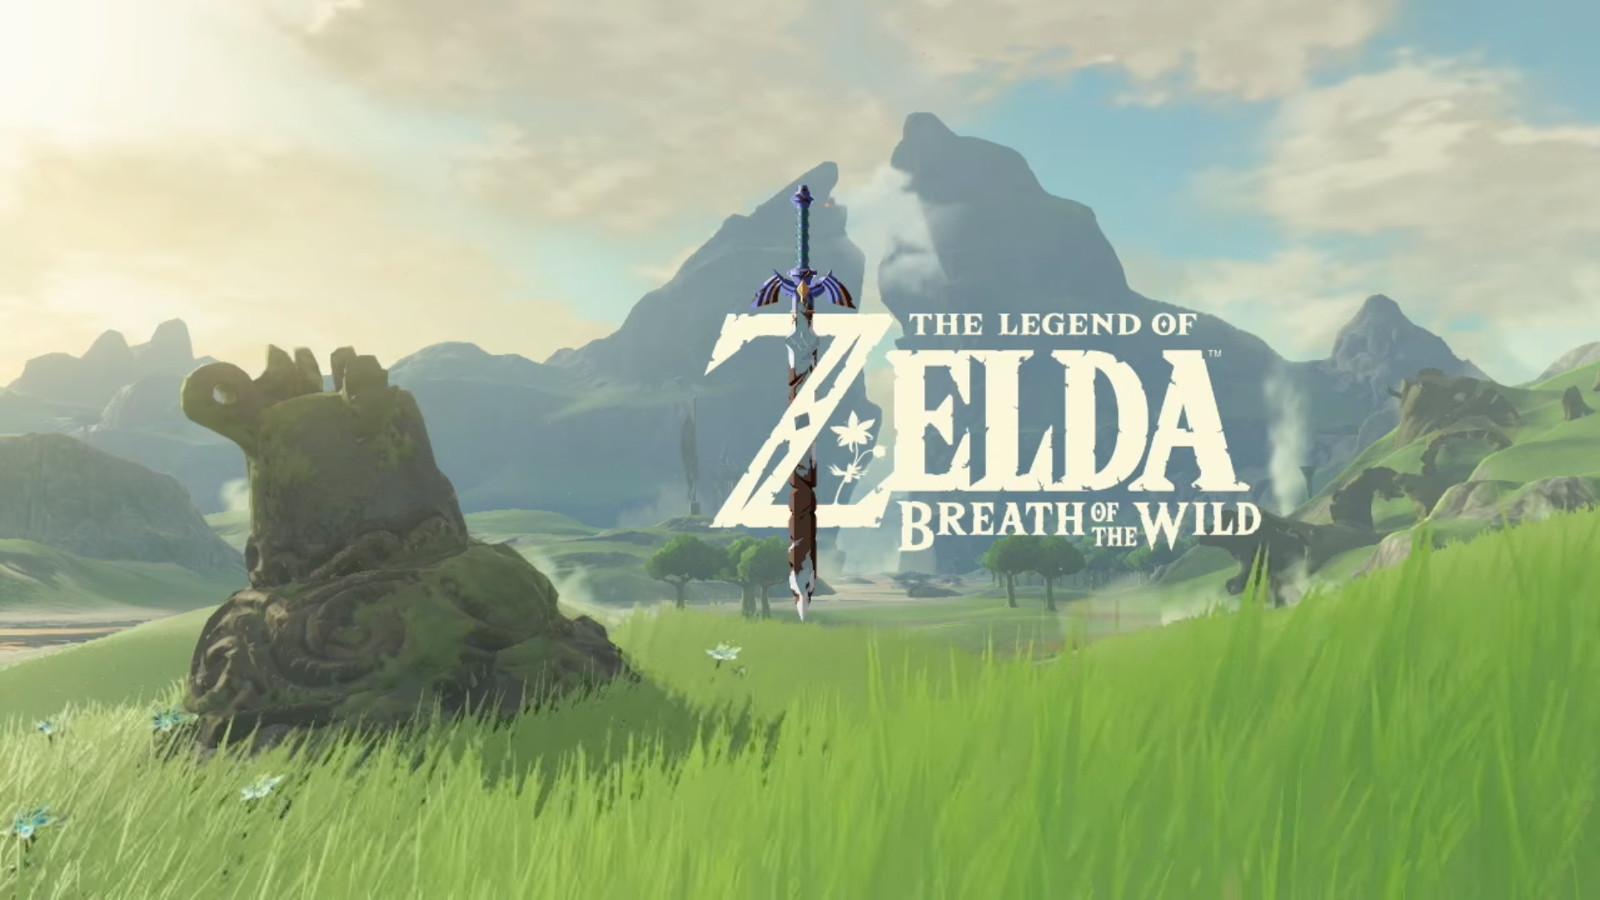 legend of zelda botw featured breath of the wild